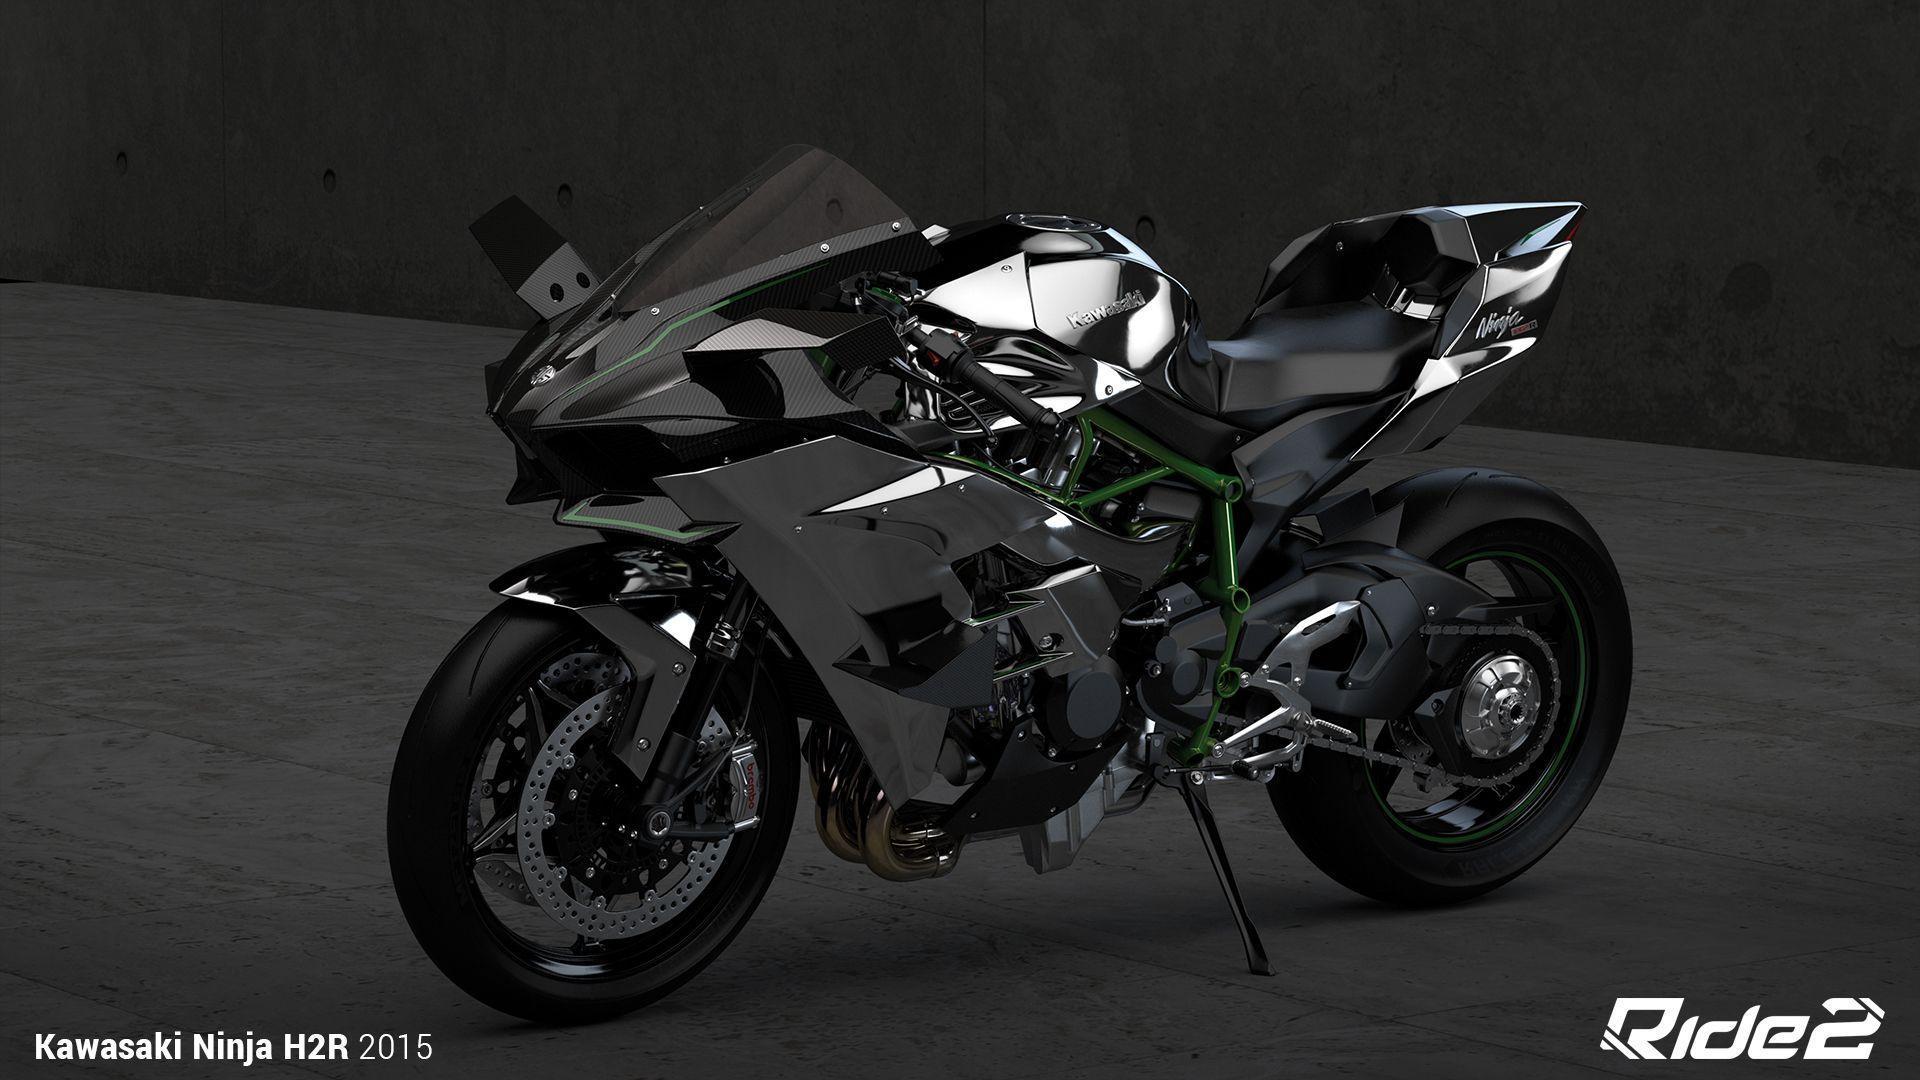 2015 Kawasaki Ninja H2R Computer Wallpapers, Desktop Backgrounds ...